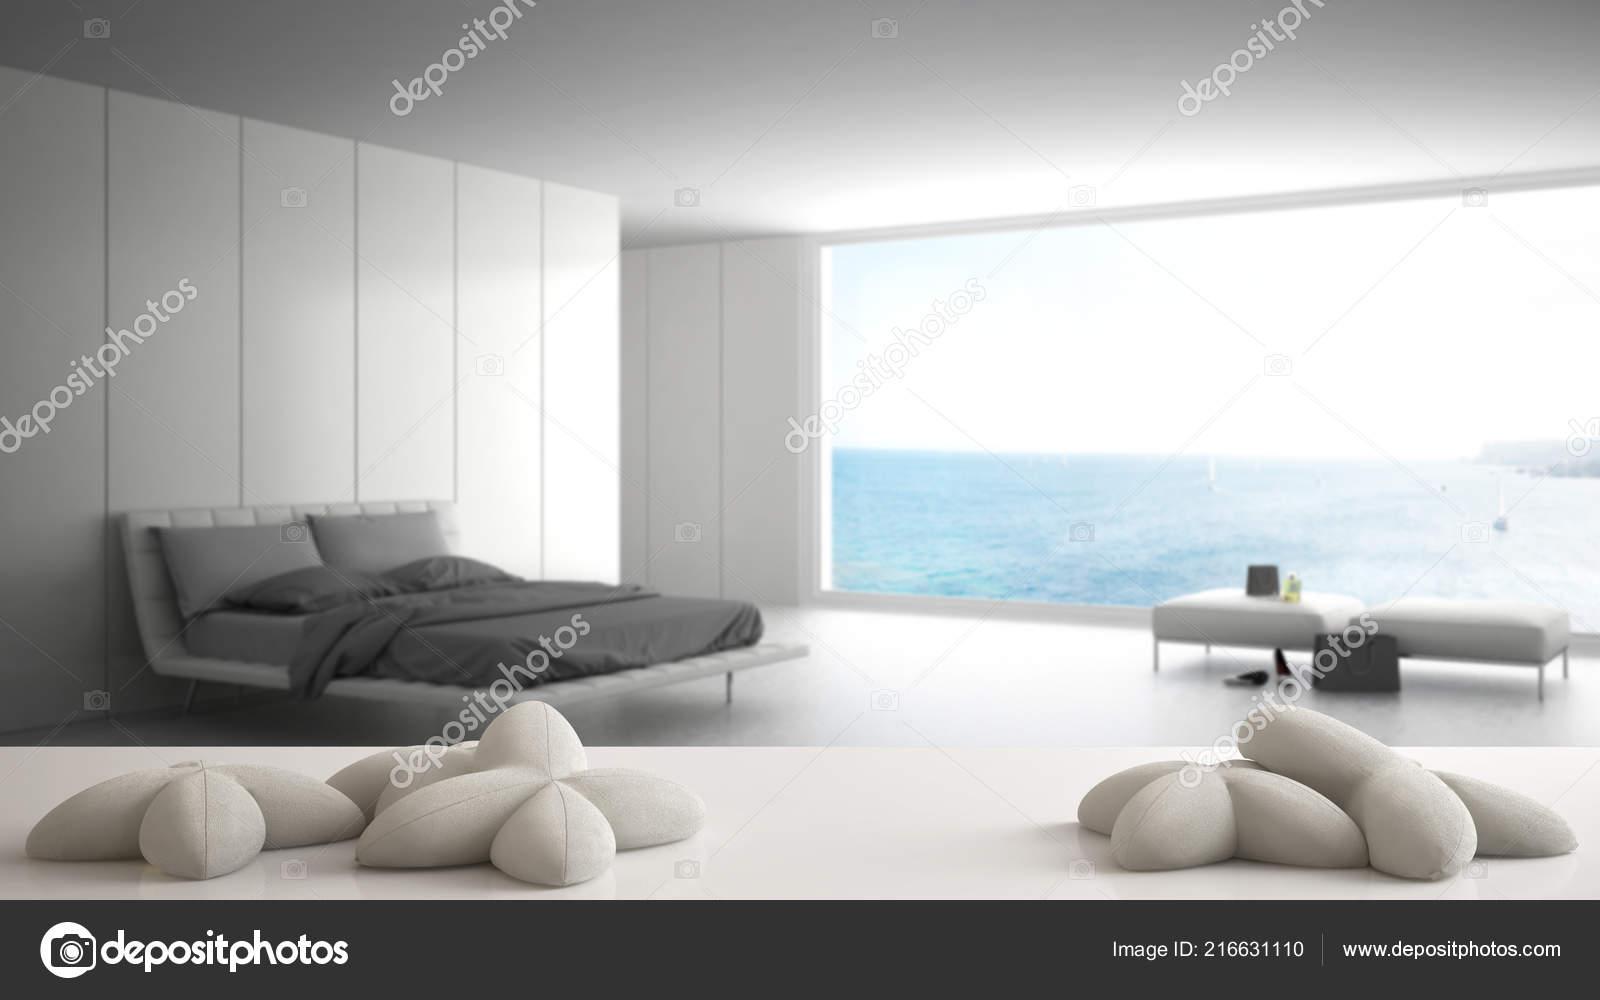 Tableau blanc bureau ou une étagère avec cinq oreillers blancs